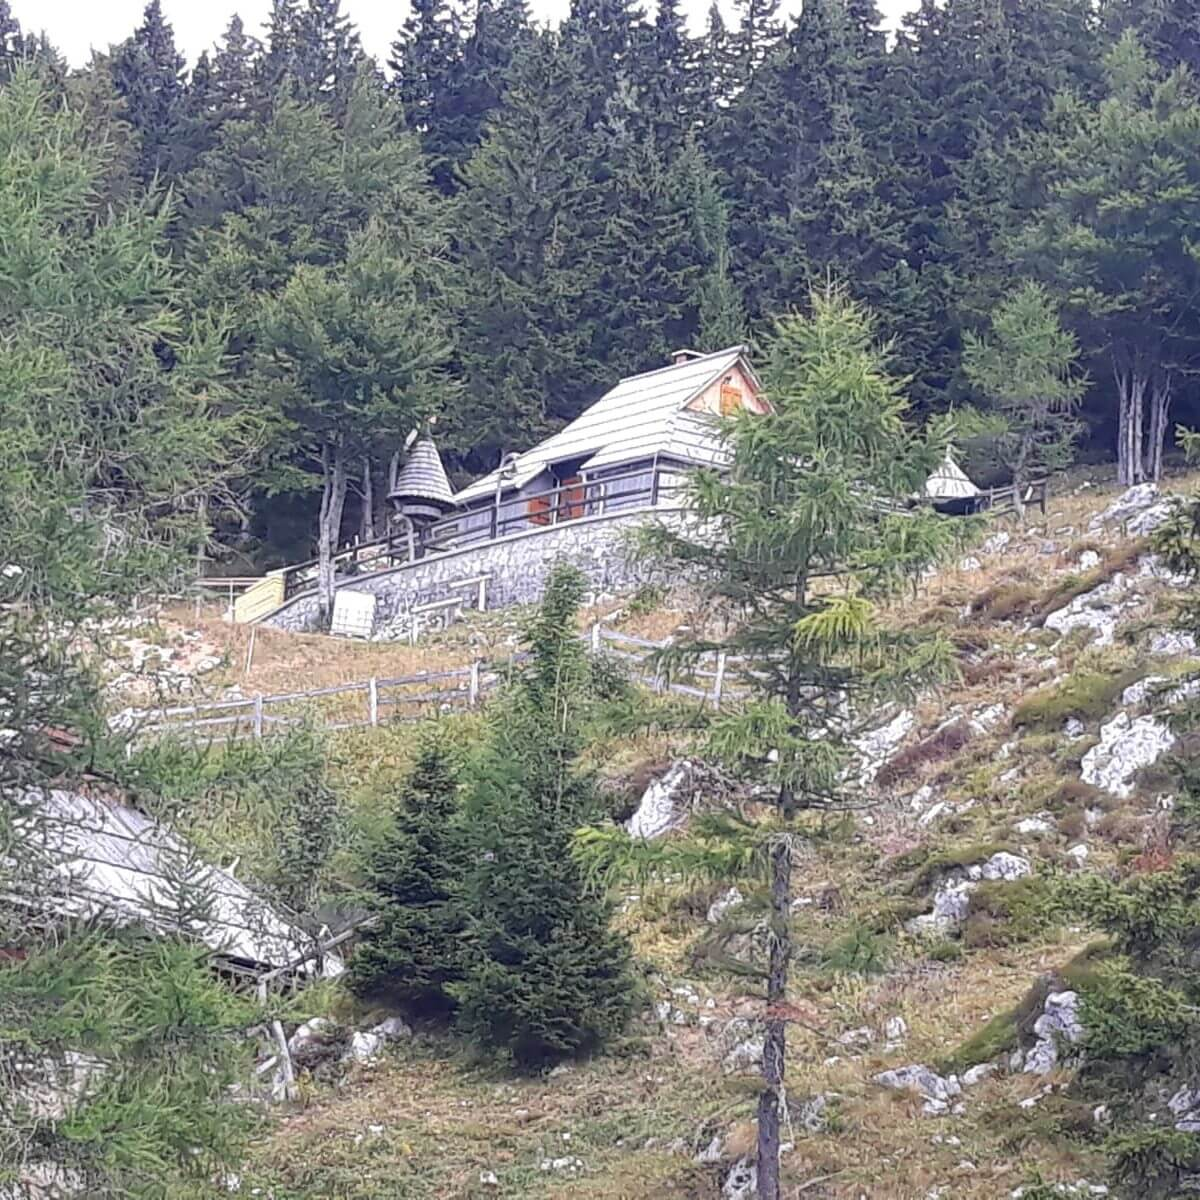 Vakantie in Slovenië met kids, Outdoor Paradijs! Klimmen met kinderen, Velika Planina herdersdorp